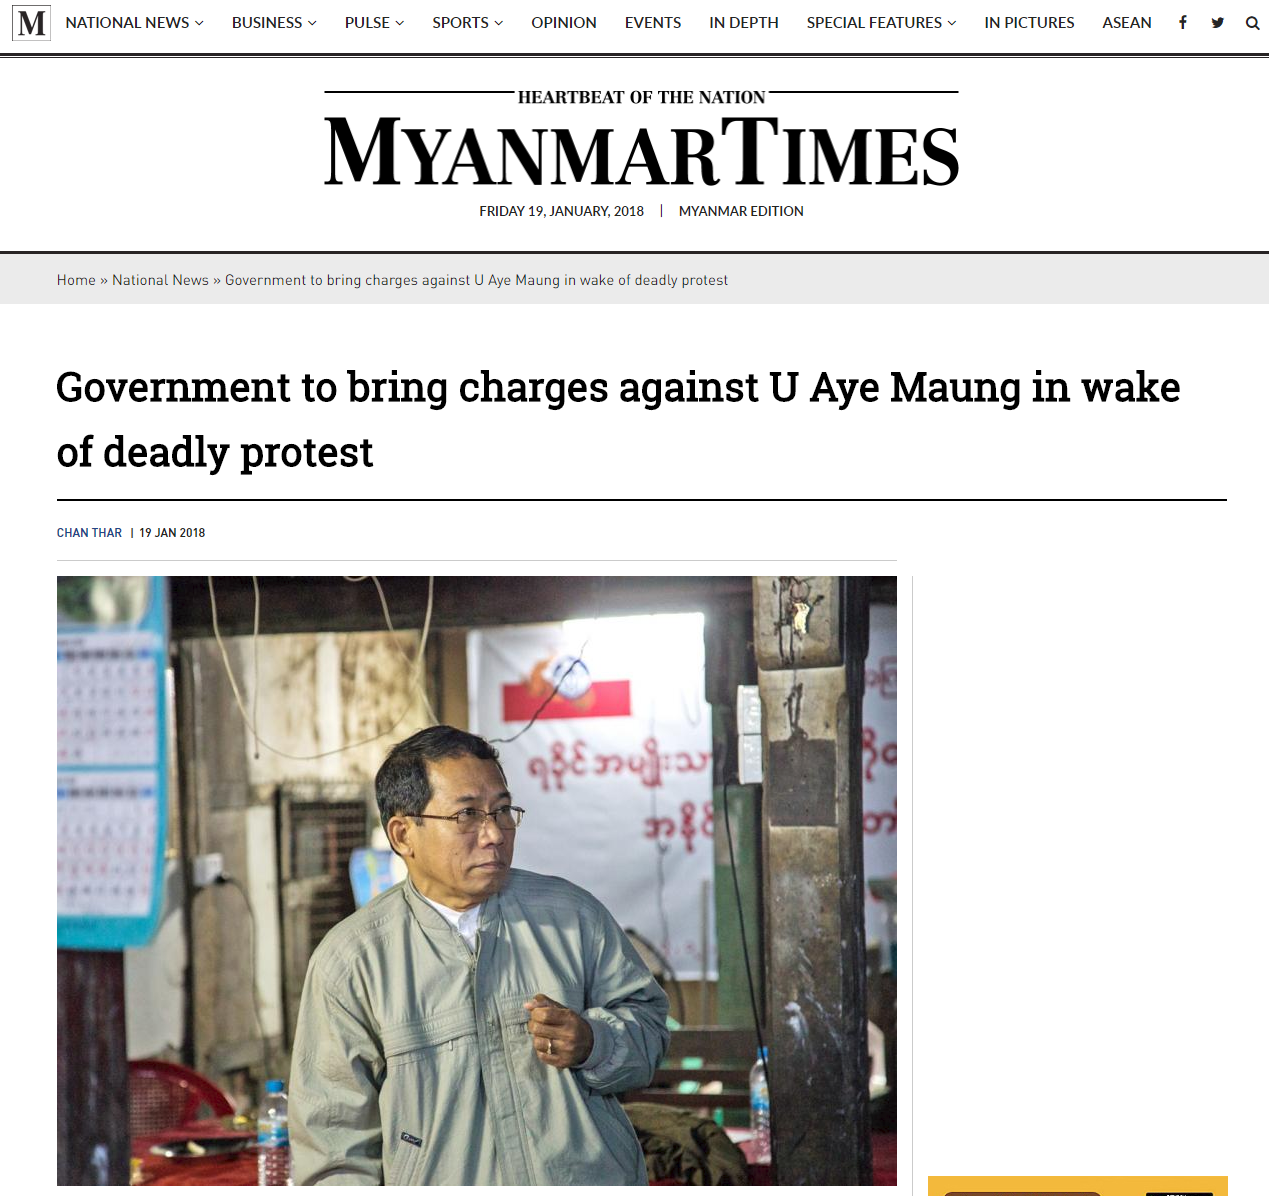 仏教徒によるラカイン州の抗議、地元政治家が反逆罪で逮捕 ミャンマーニュース